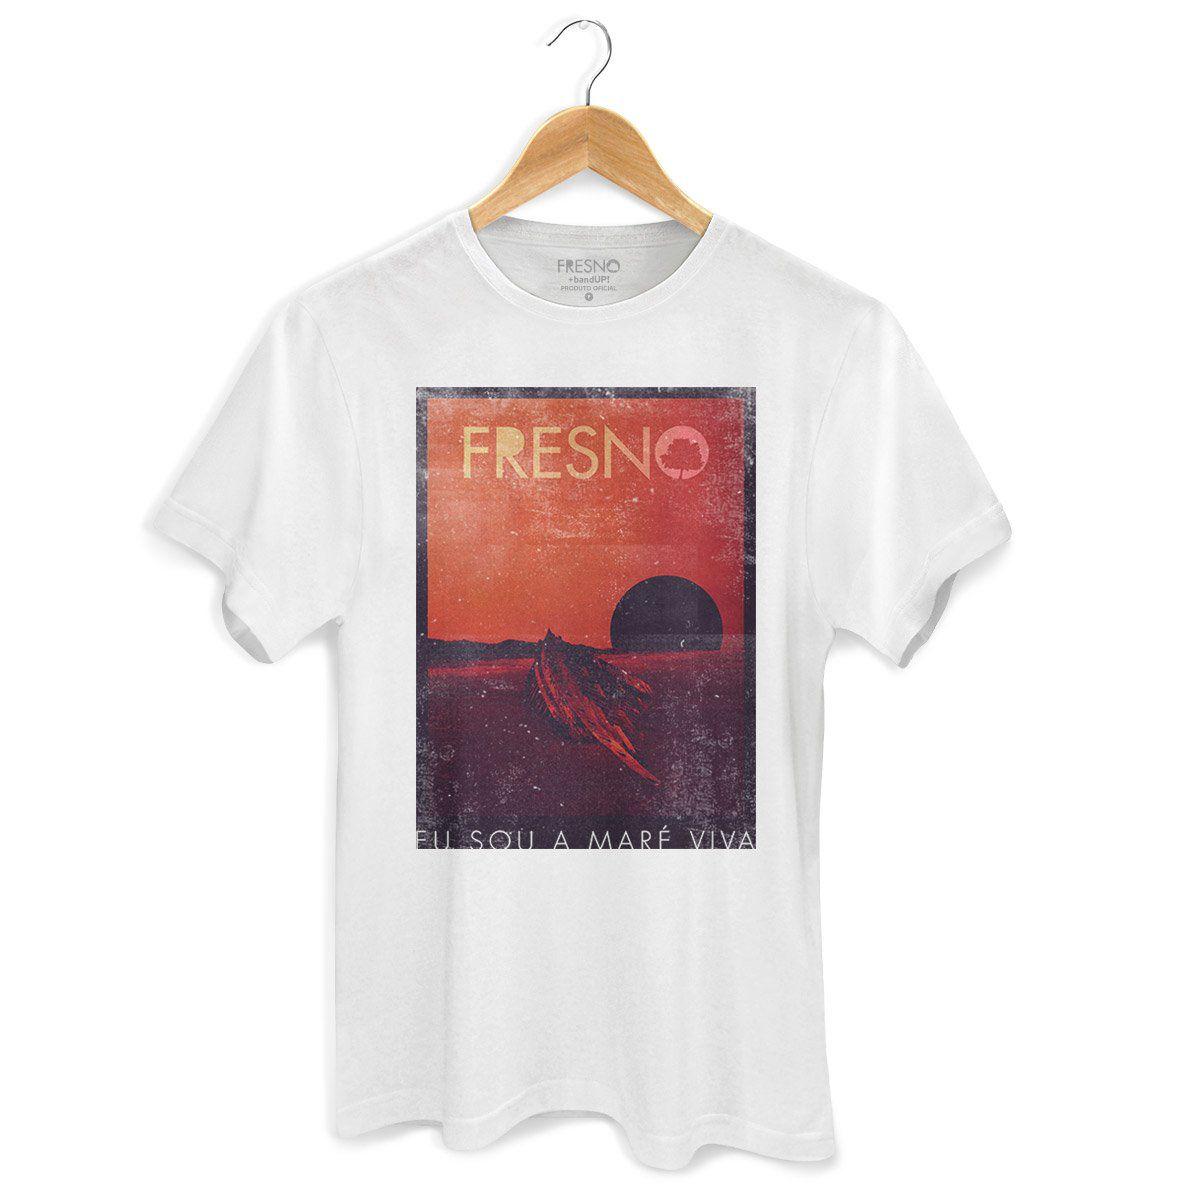 Camiseta Masculina Fresno - Capa EP